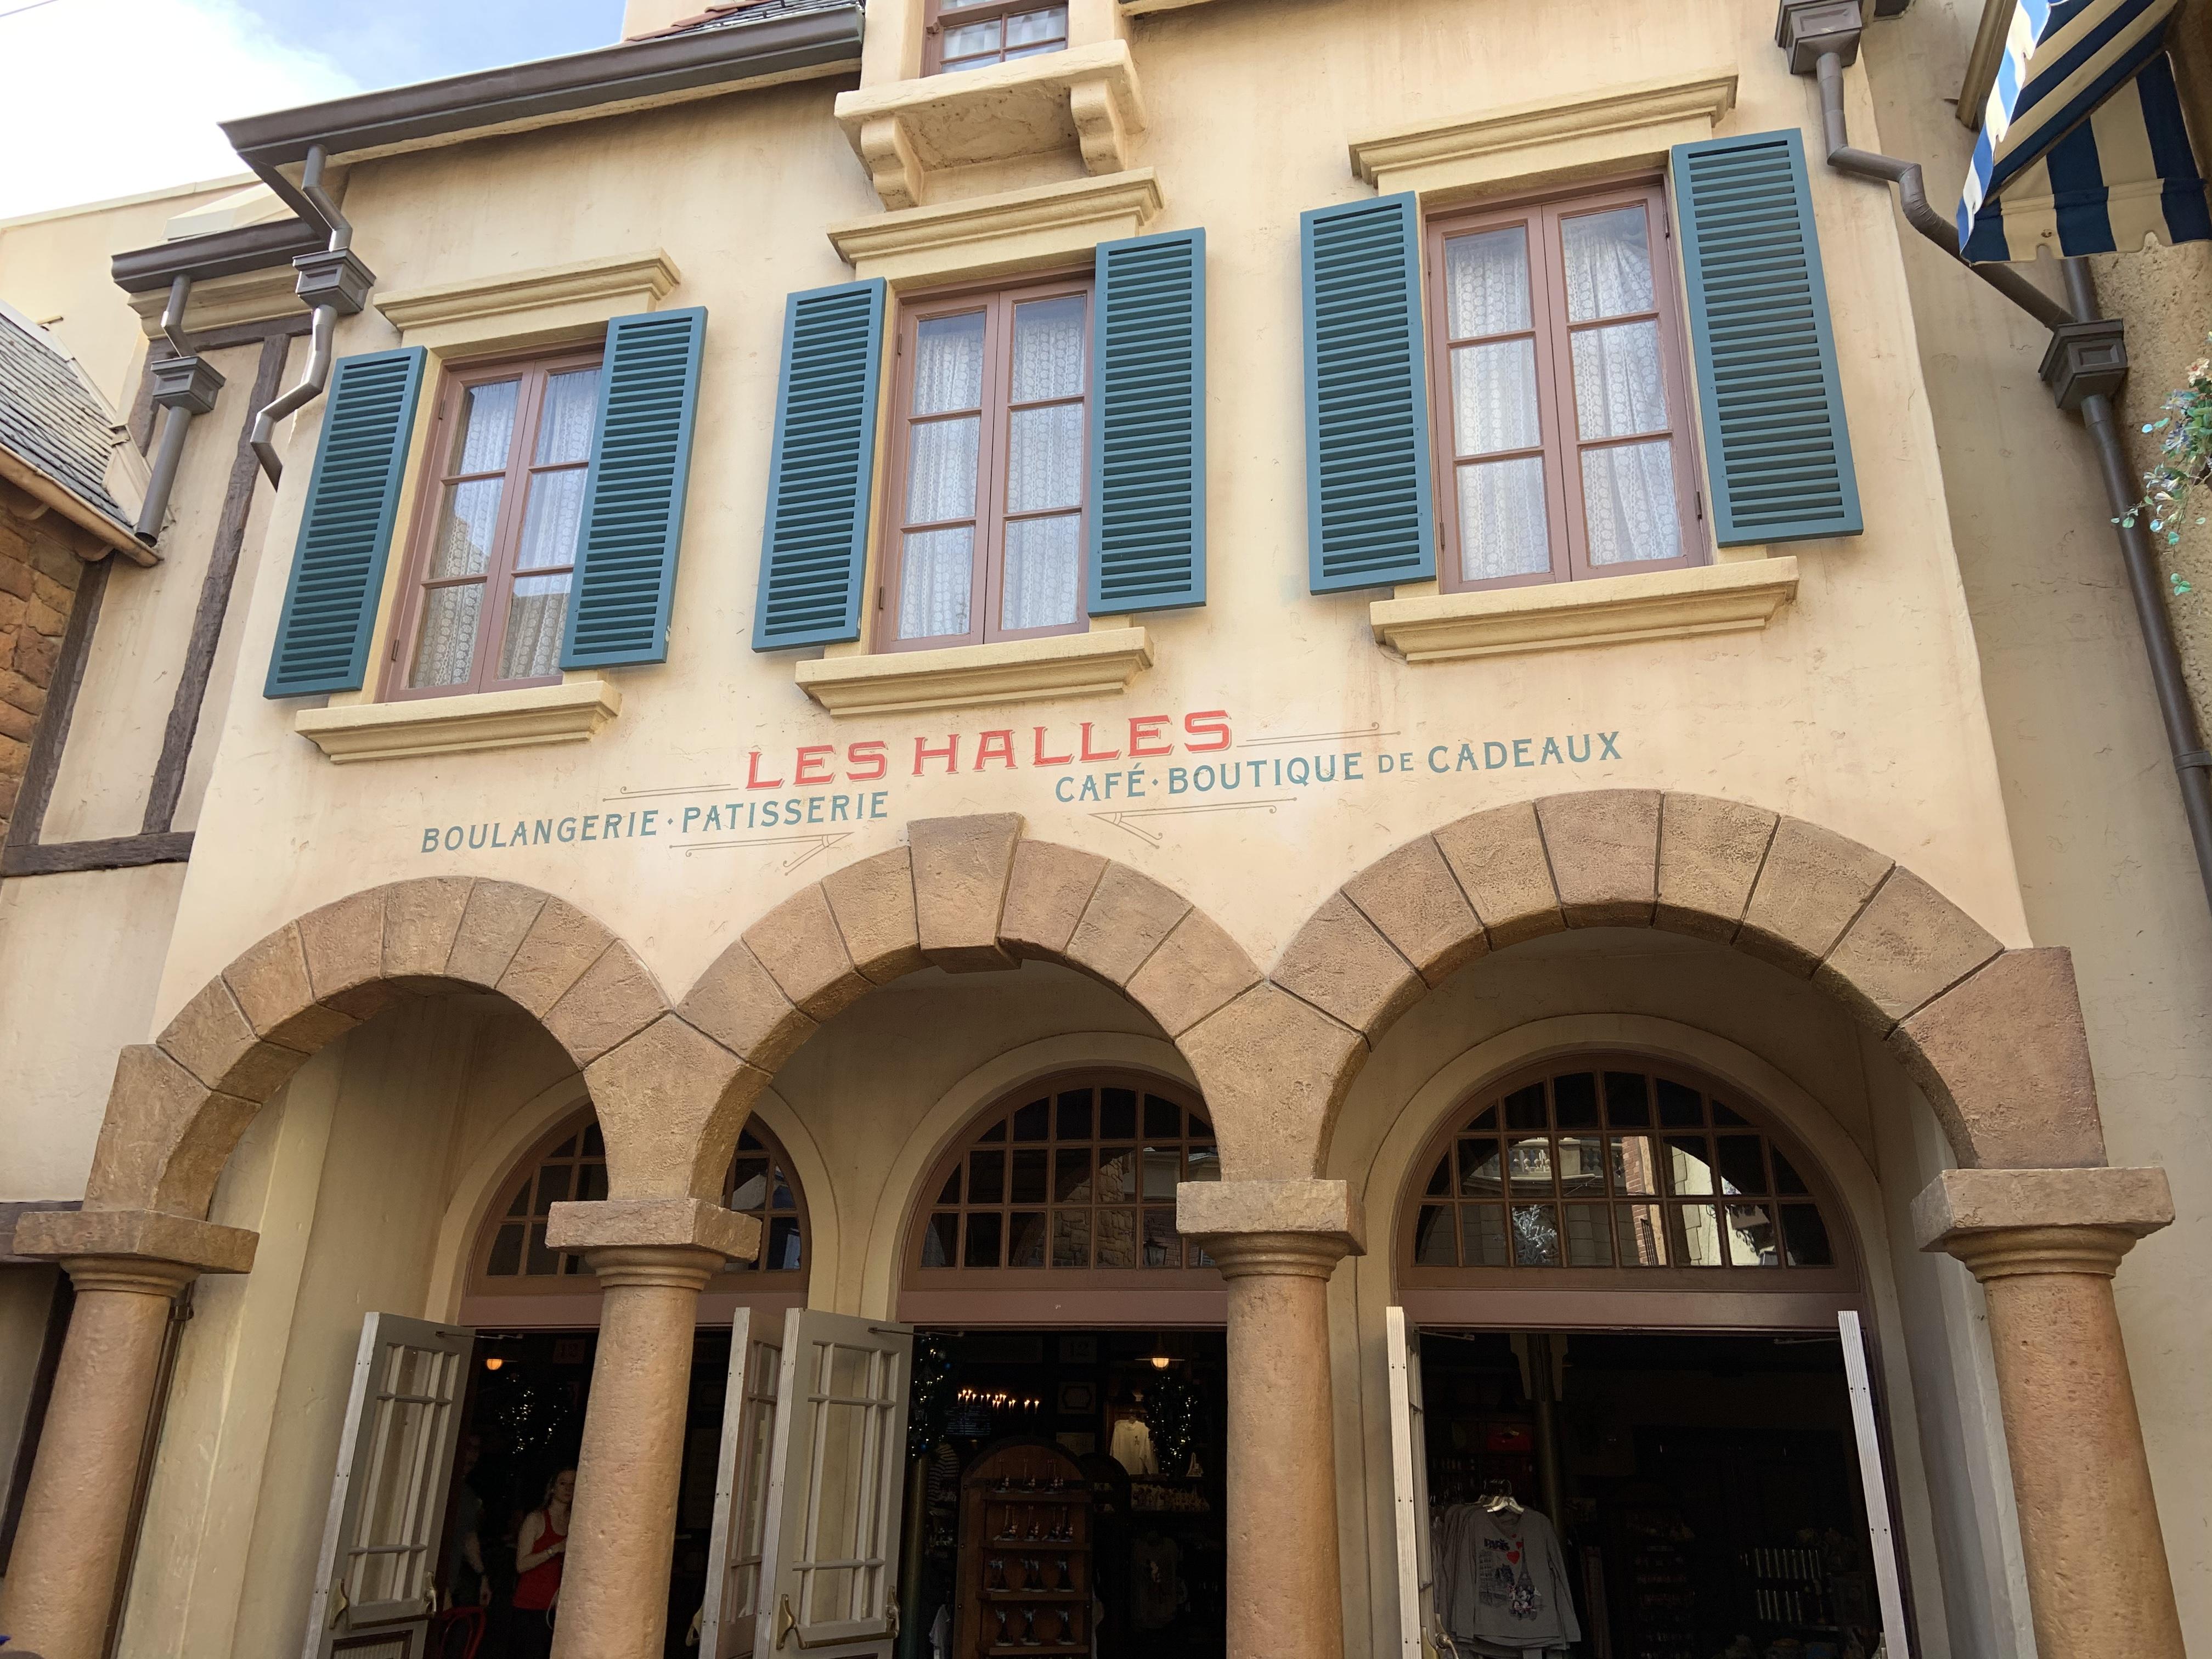 Les Halles front 1/12/20